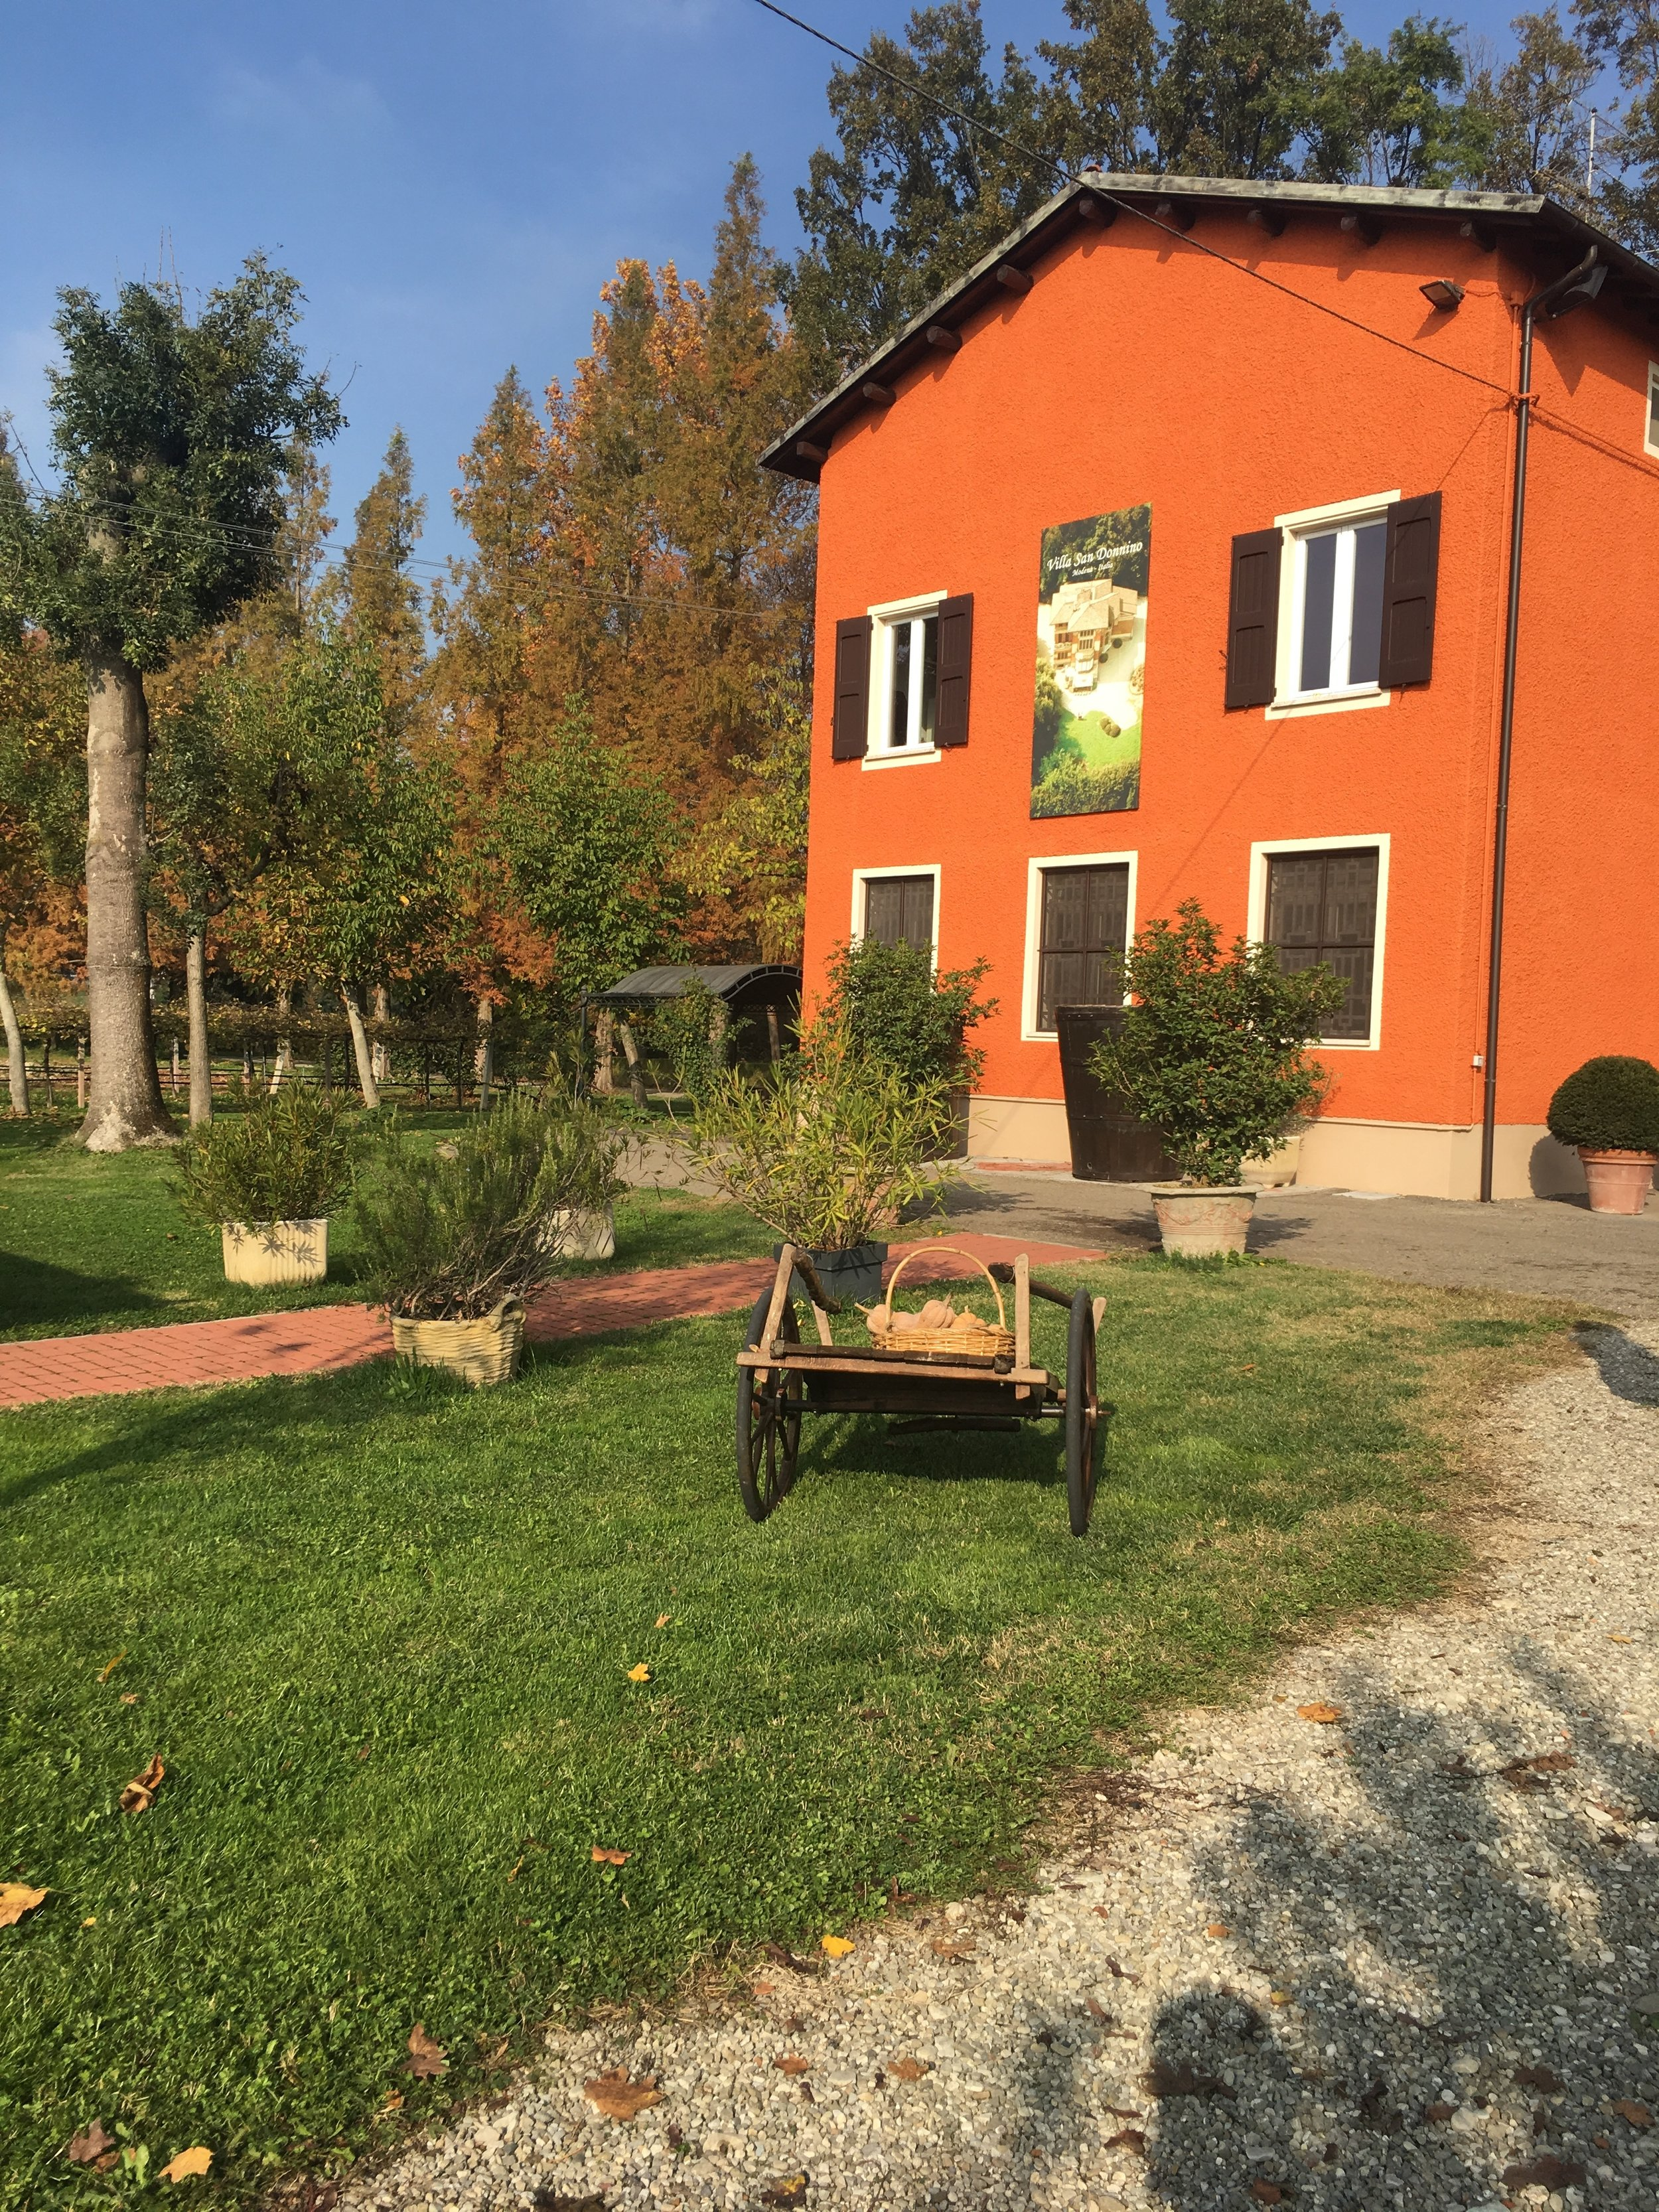 A fachada da Acetaia Villa San Donino. Tava um friozinho tão gostoso...